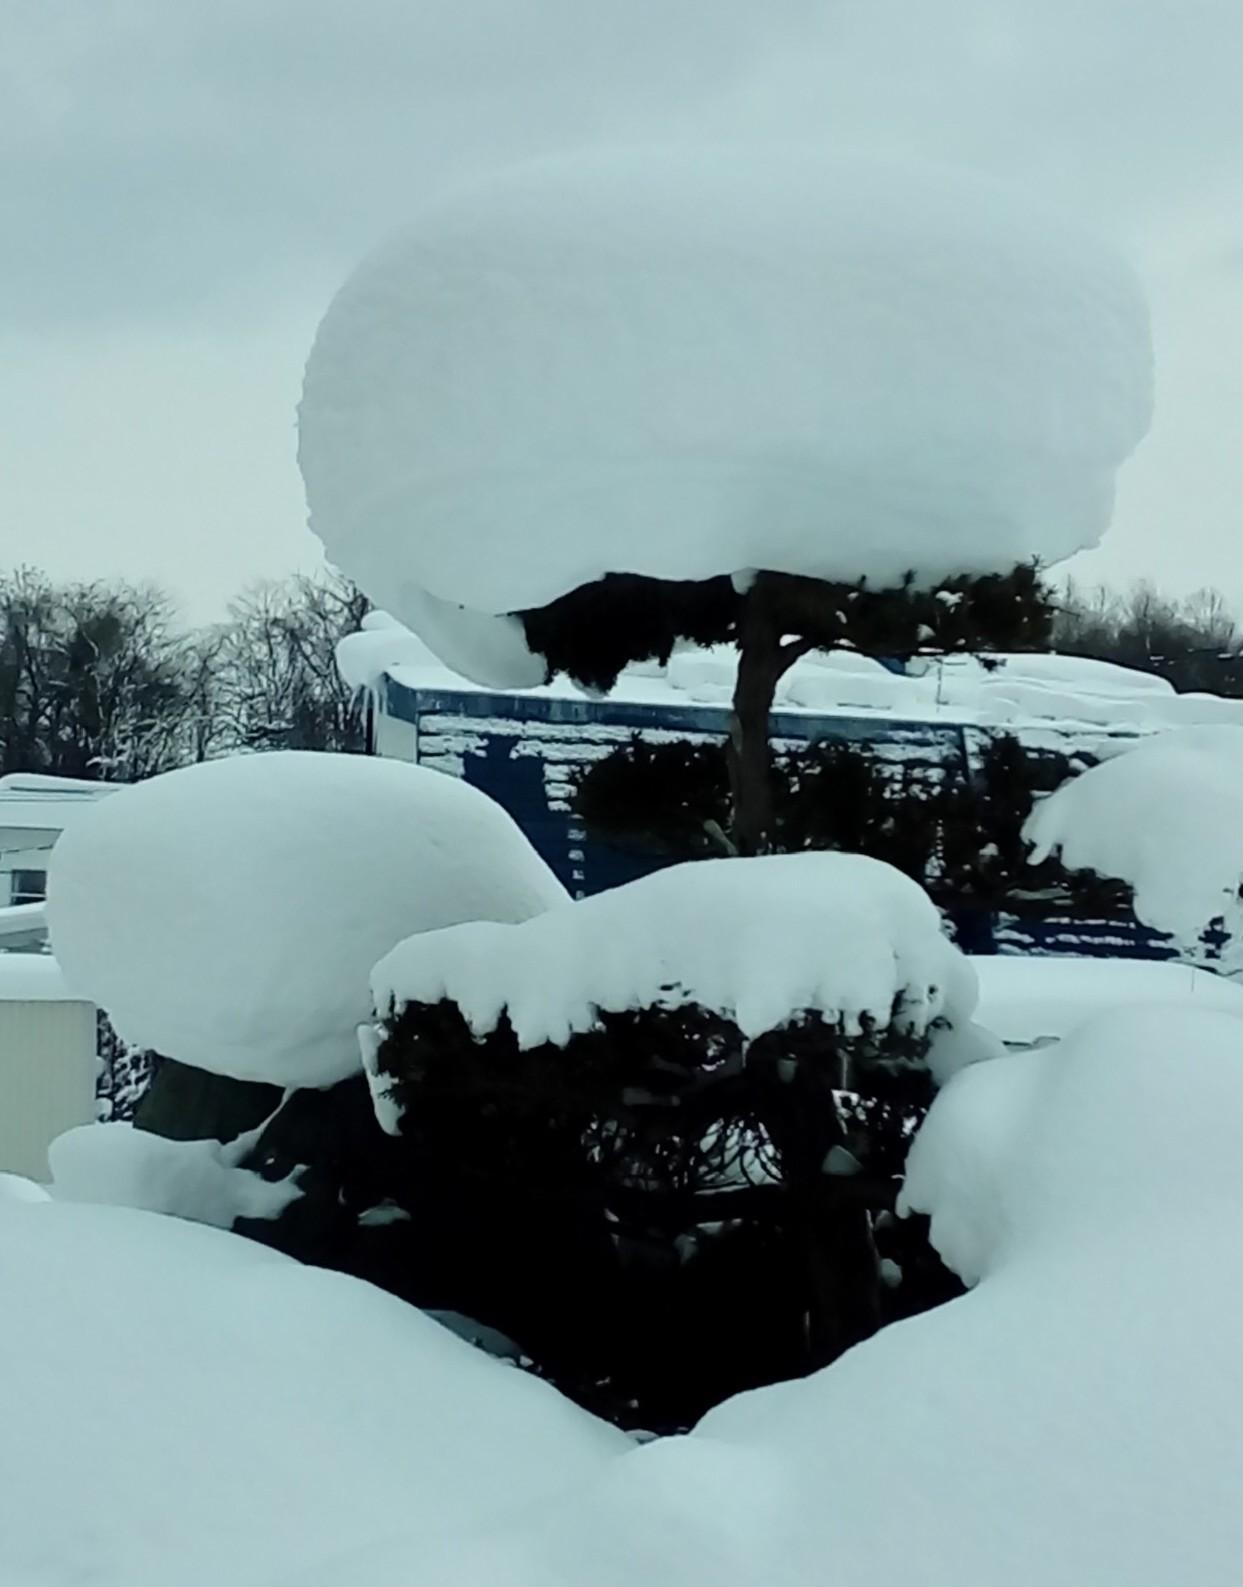 ガリガリ凍った雪のおしゃべり_c0220170_20515311.jpg